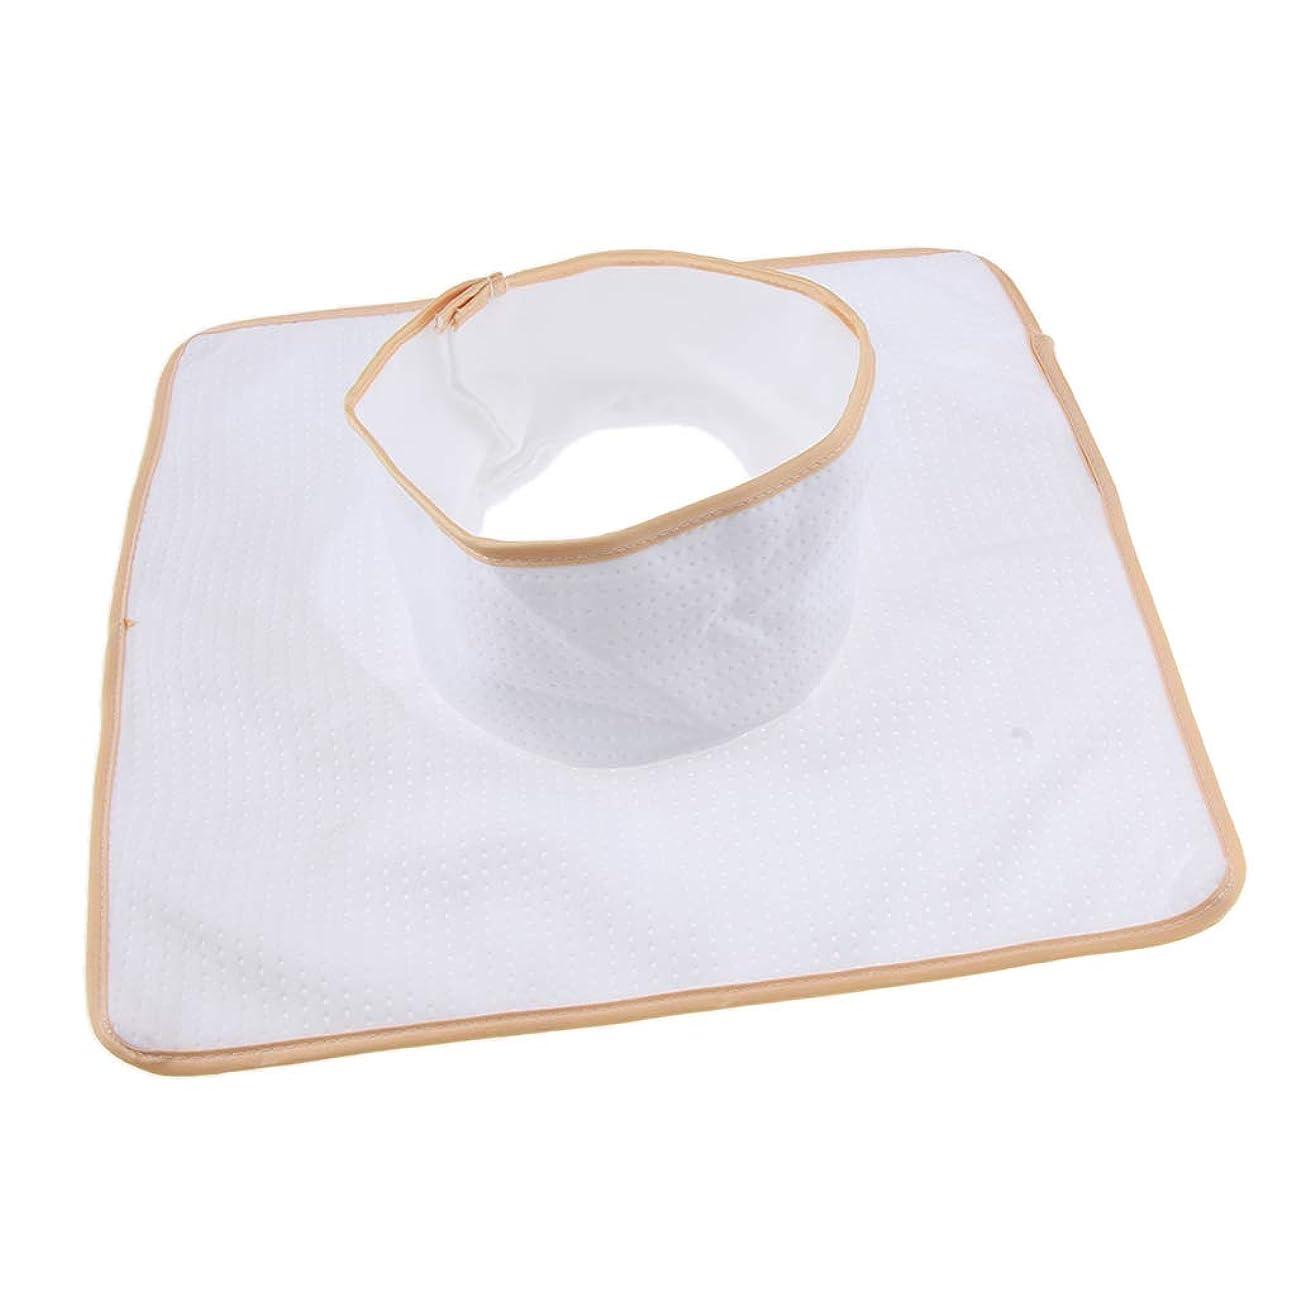 革命環境グラディスD DOLITY マッサージ ベッド テーブル ヘッドパッド 頭の穴付 再使用可能 約35×35cm 全3色 - 白